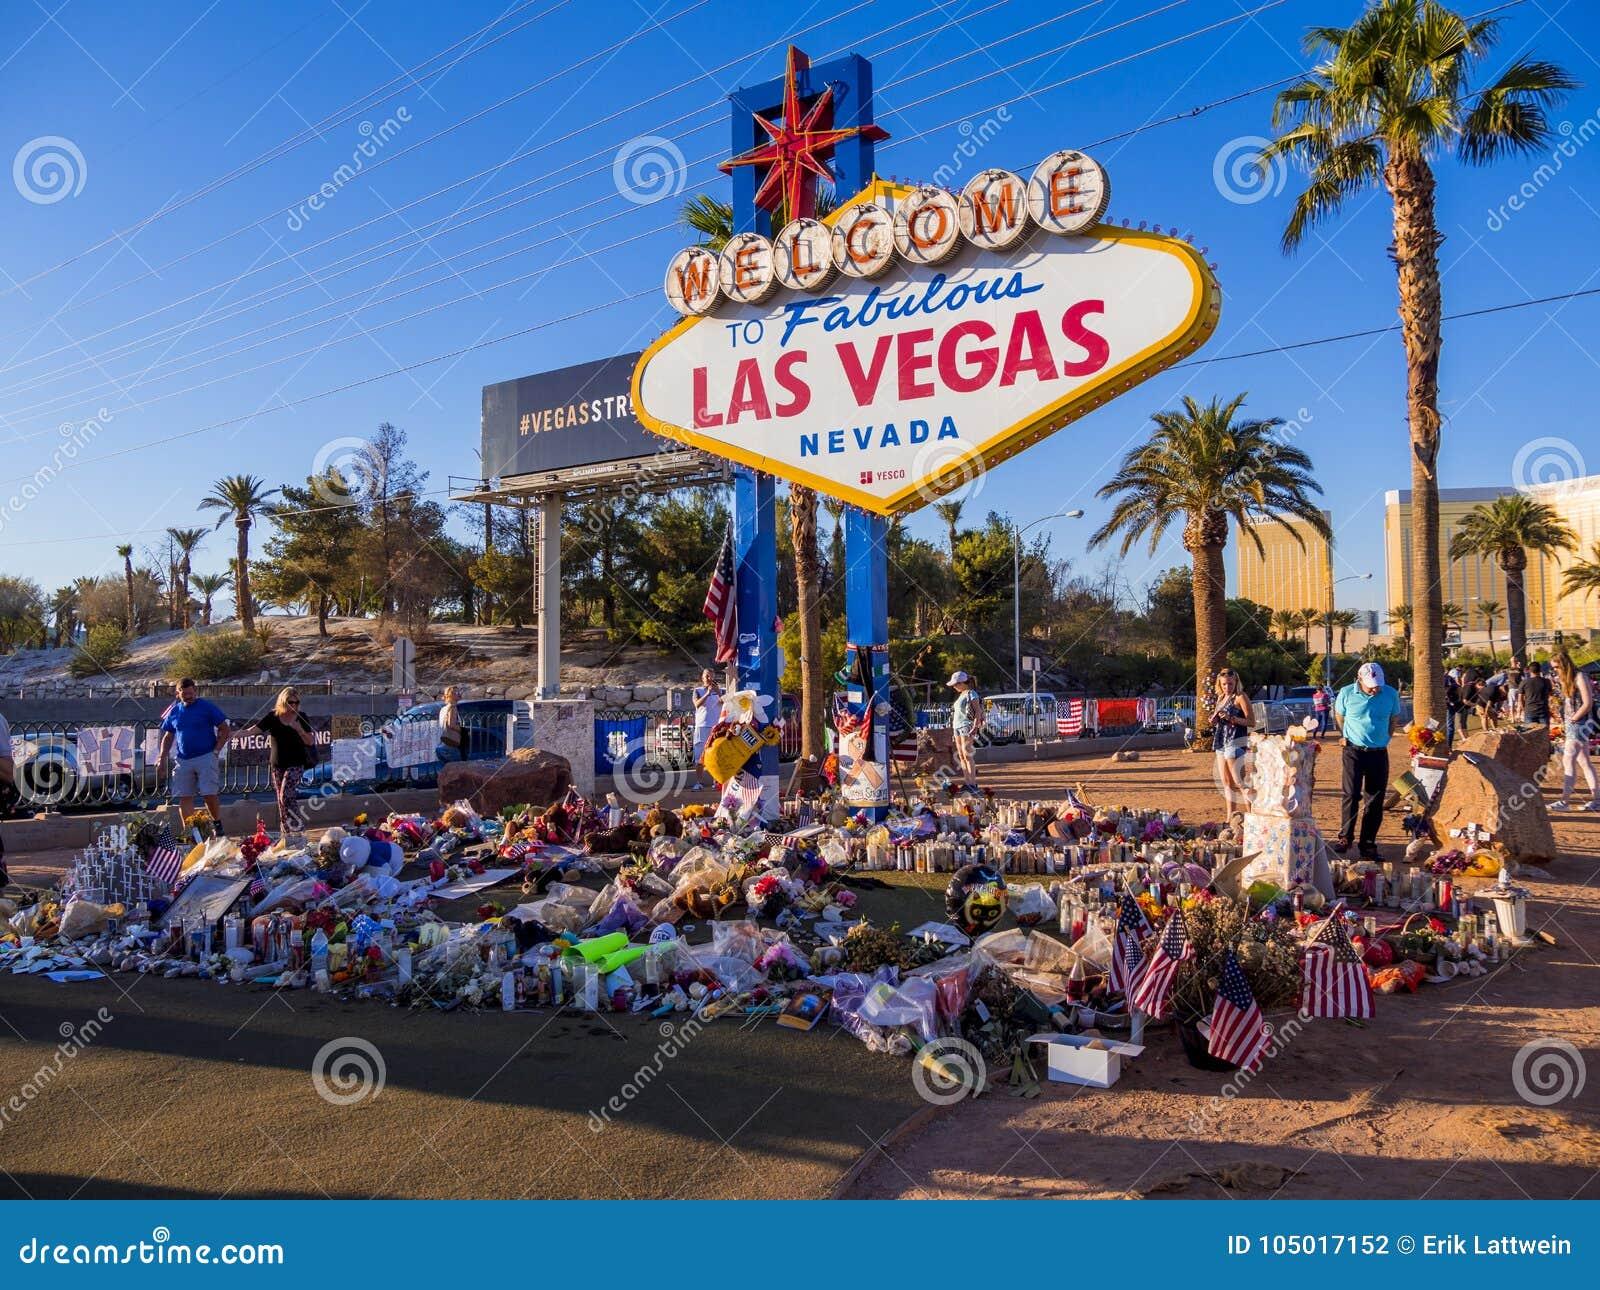 Säng av blommor och uttryck av beklagande efter terrorattack i Las Vegas - LAS VEGAS - NEVADA - OKTOBER 12, 2017